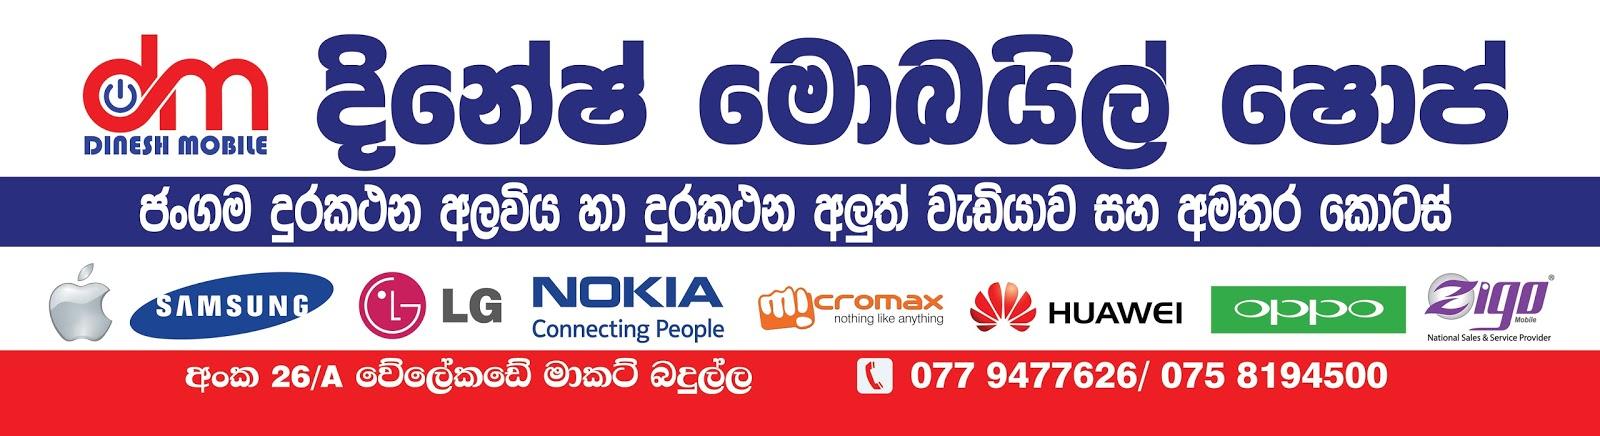 Paper Sign Dinesh Mobiel Shop Name Board Design